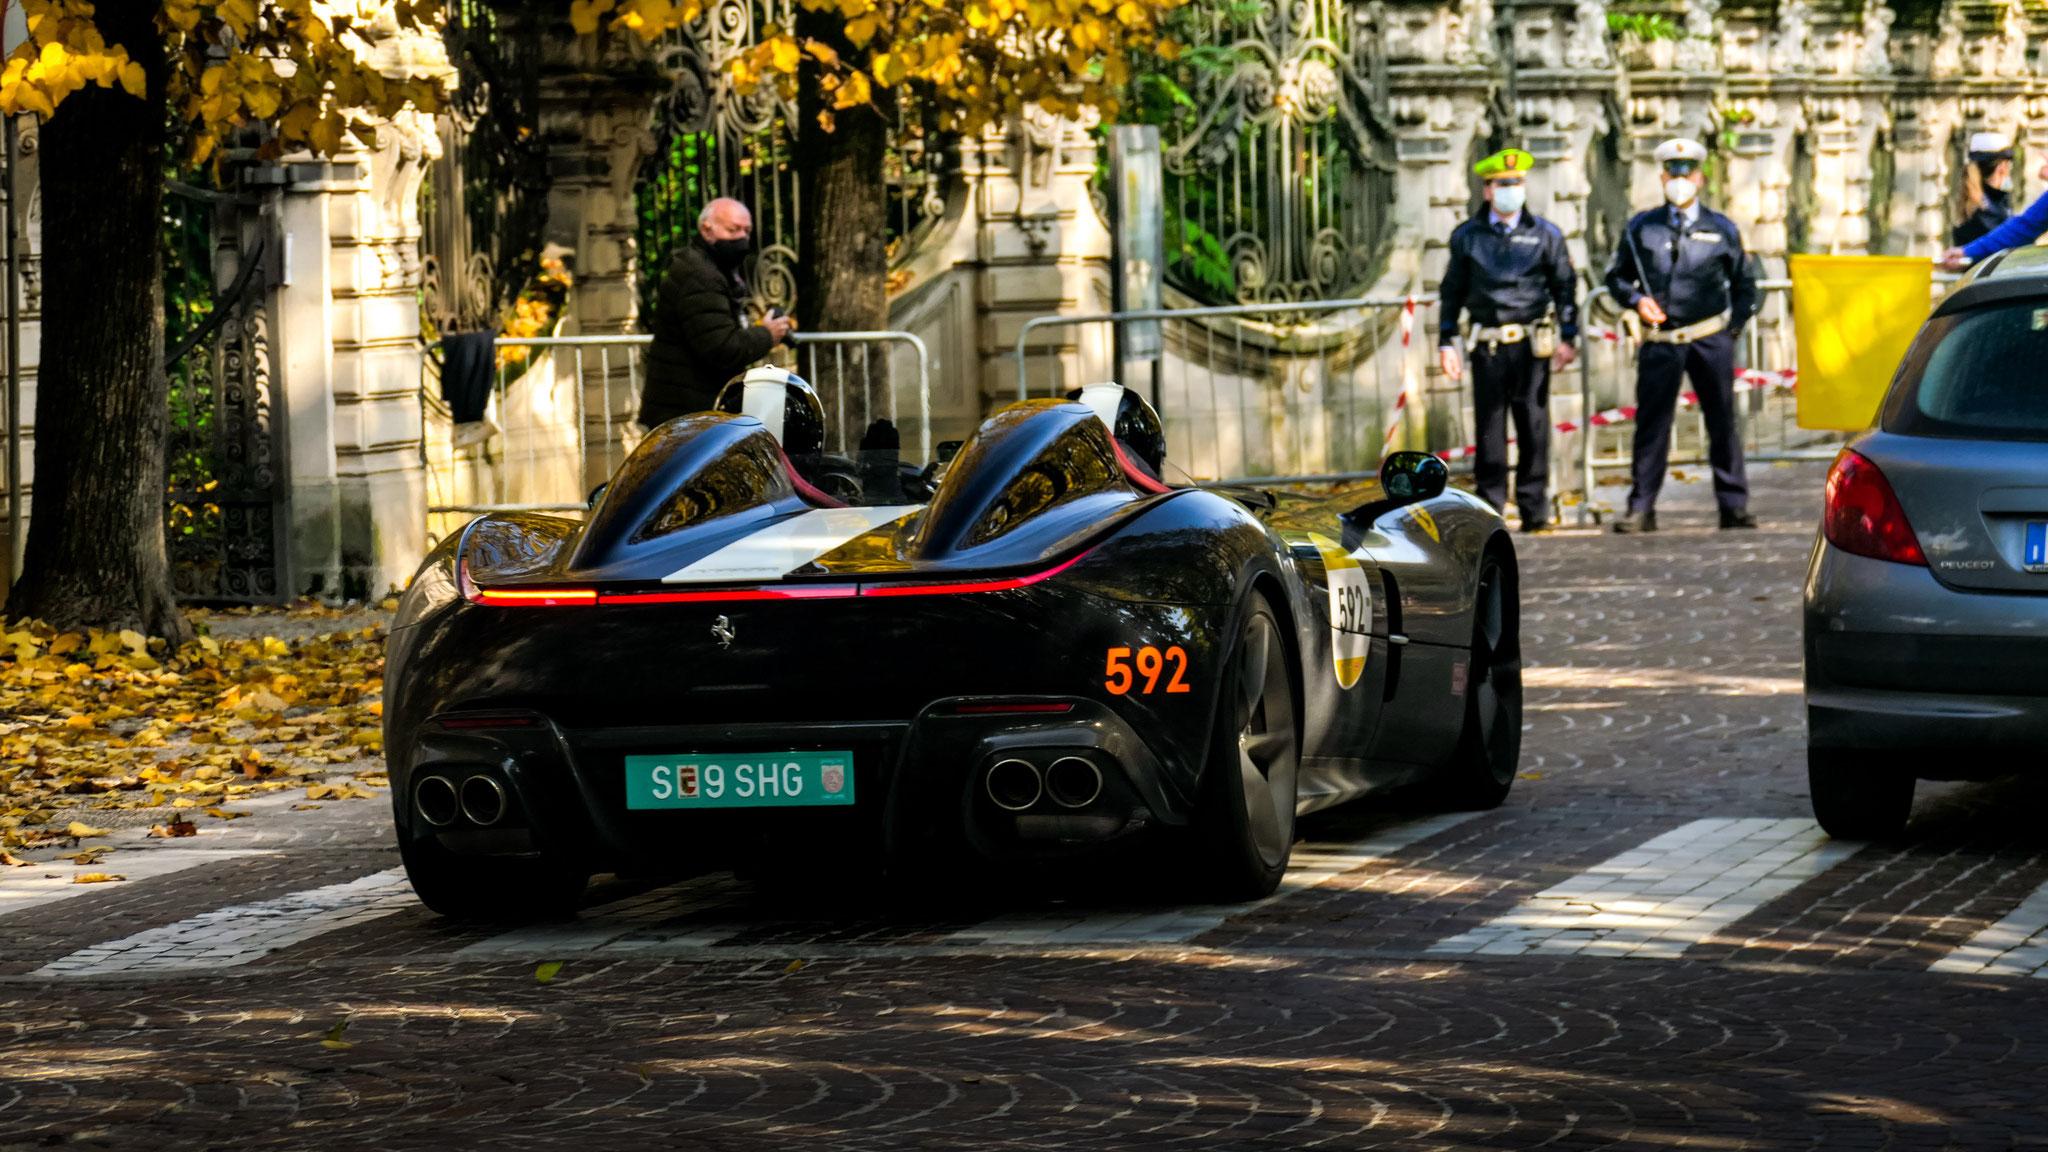 Ferrari Monza SP2 - S-9-SHG (AUT)